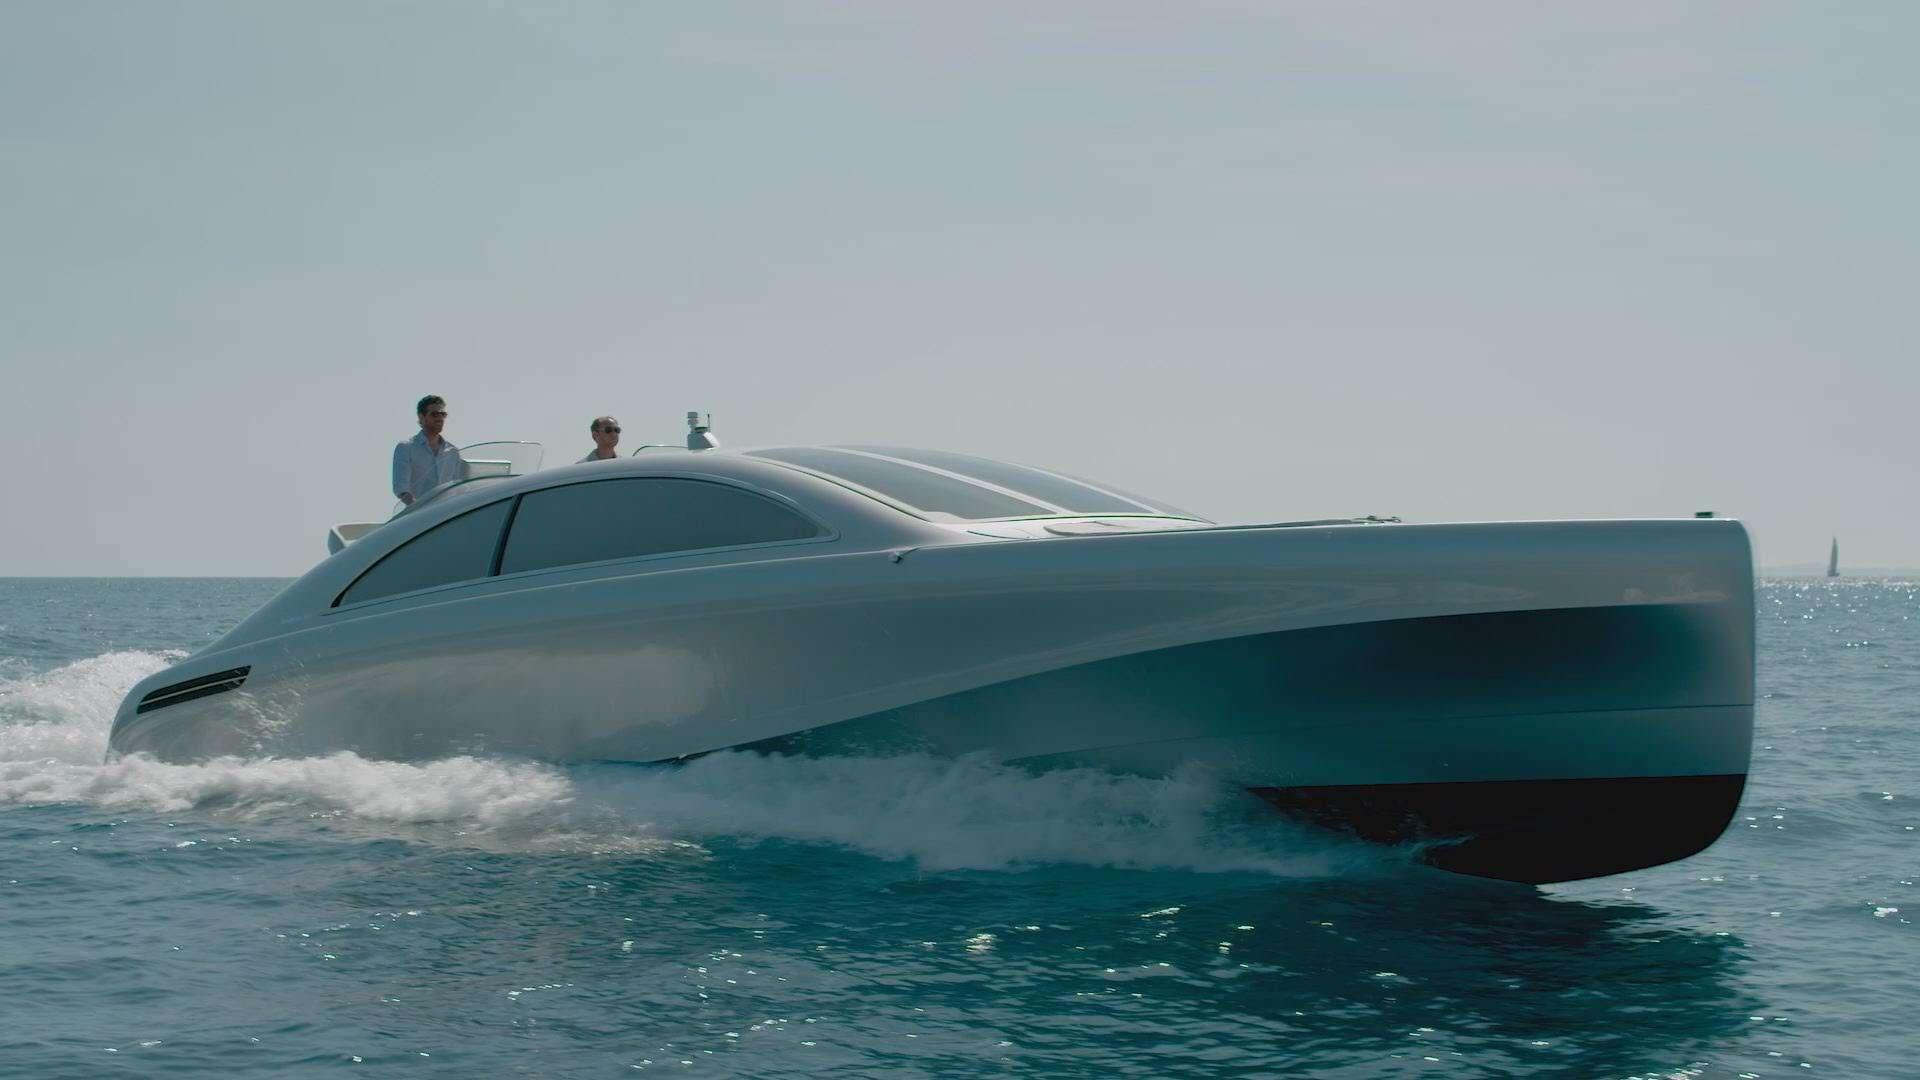 ARROW460 Granturismo: Conoce el primer yate de lujo de Mercedes-Benz de $1.5 MILLONES